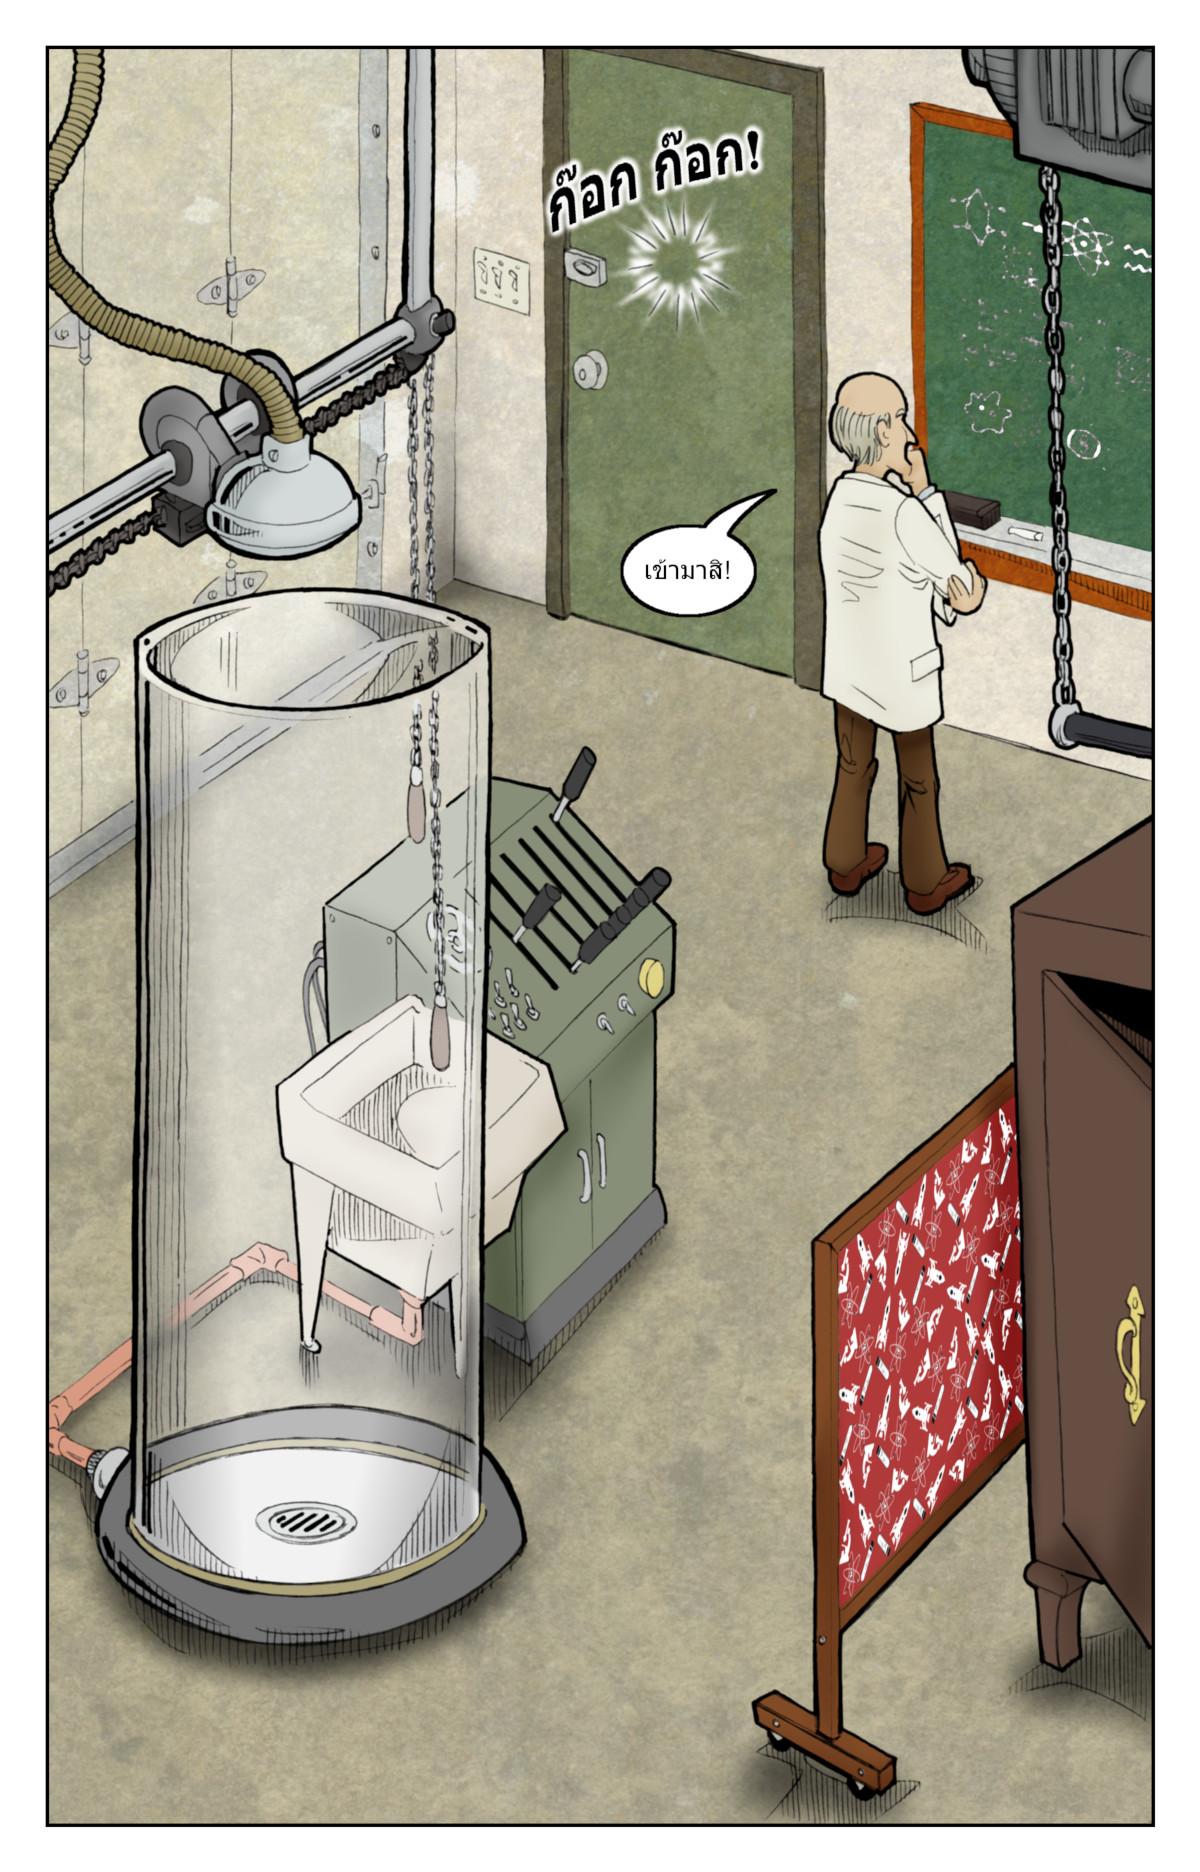 เสียงเคาะประตูห้องทดลอง!